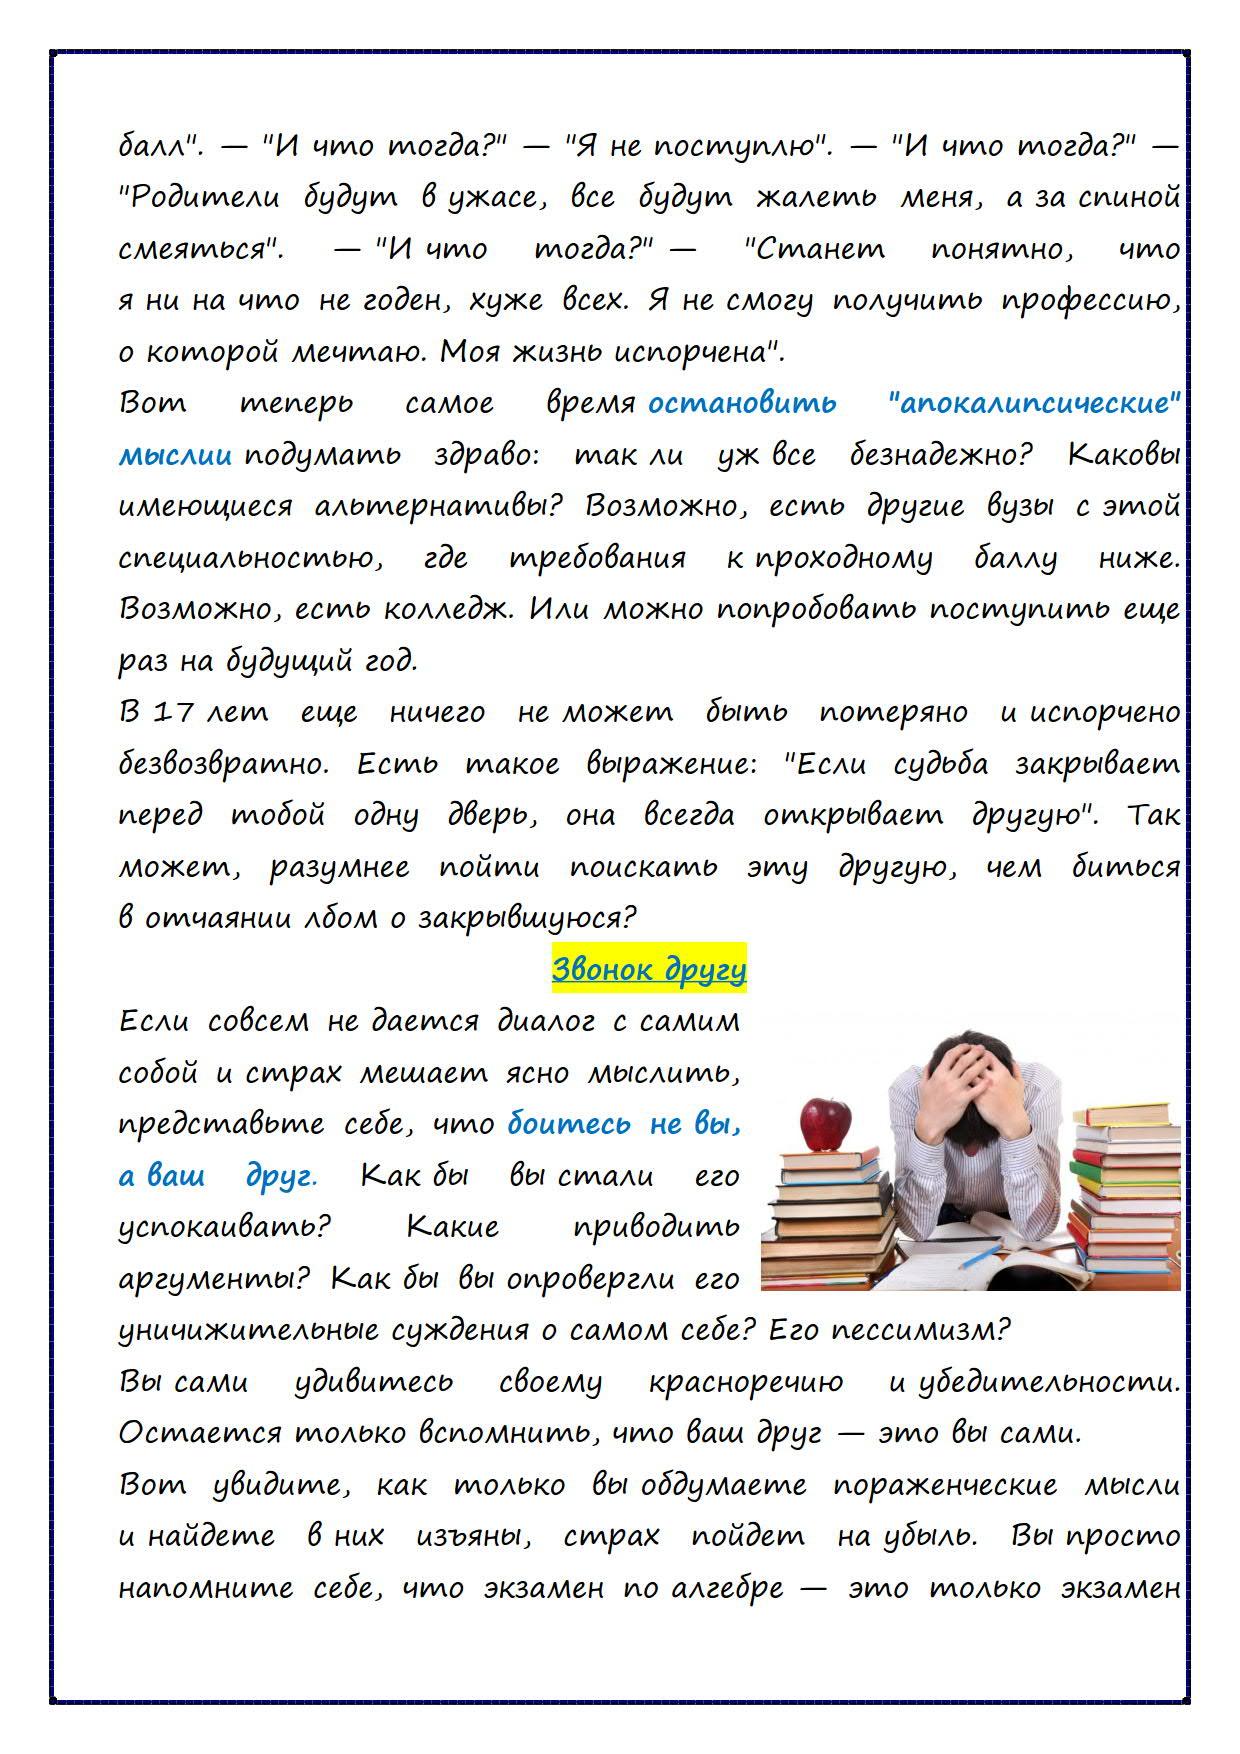 ПЕДАГОГ - ПСИХОЛОГ РЕКОМЕНДАЦИИ СТРАХ ПЕРЕД ЭКЗАМЕНОМ_4